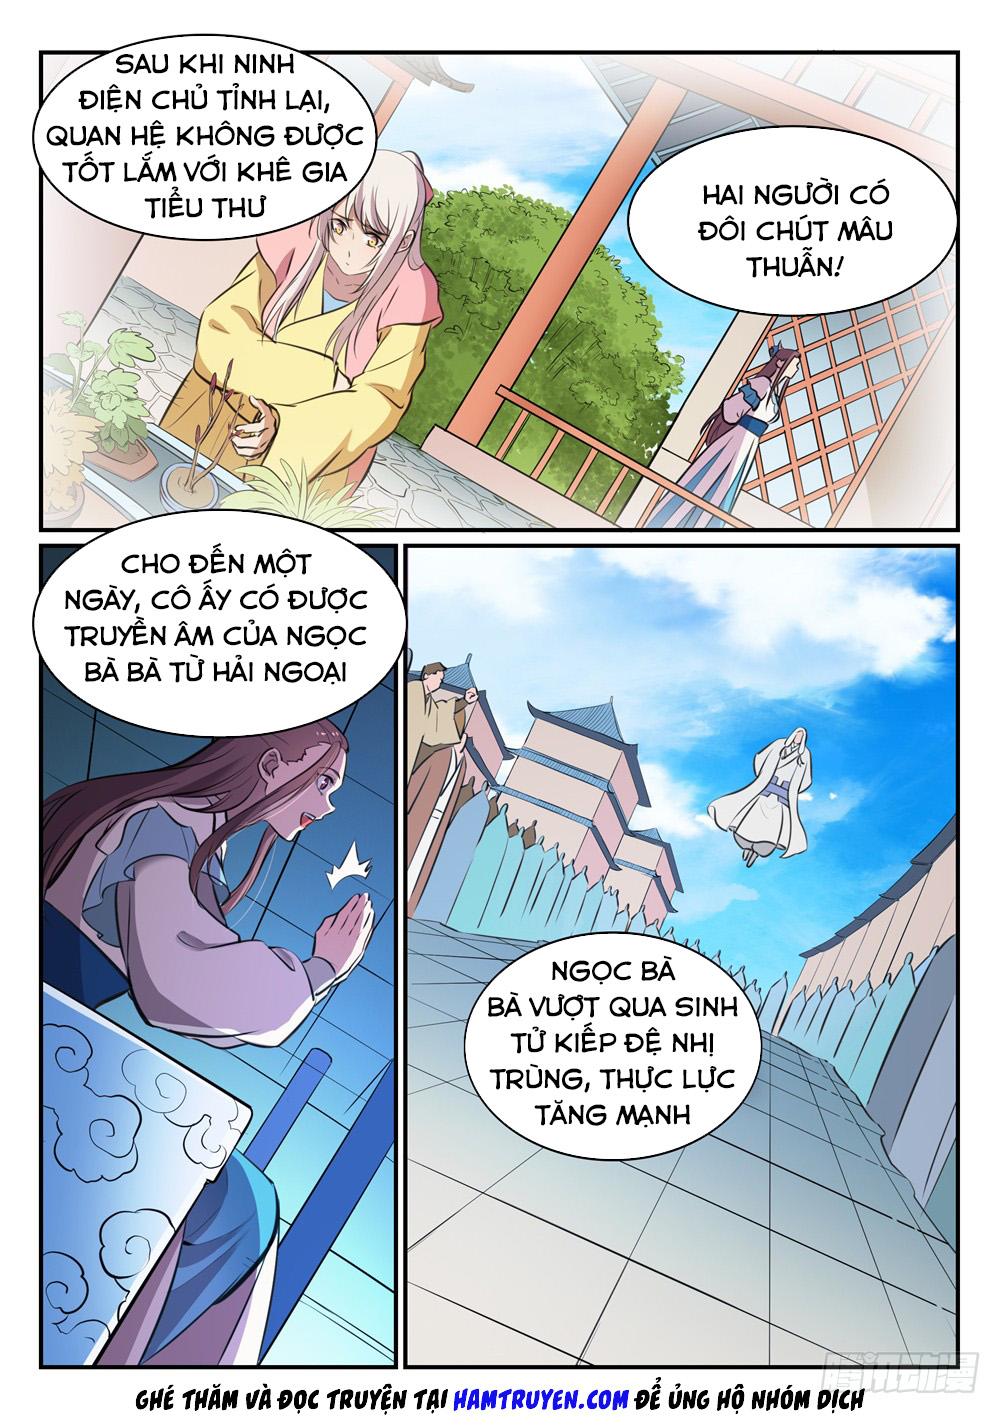 Bách Luyện Thành Thần chap 467 - Trang 3